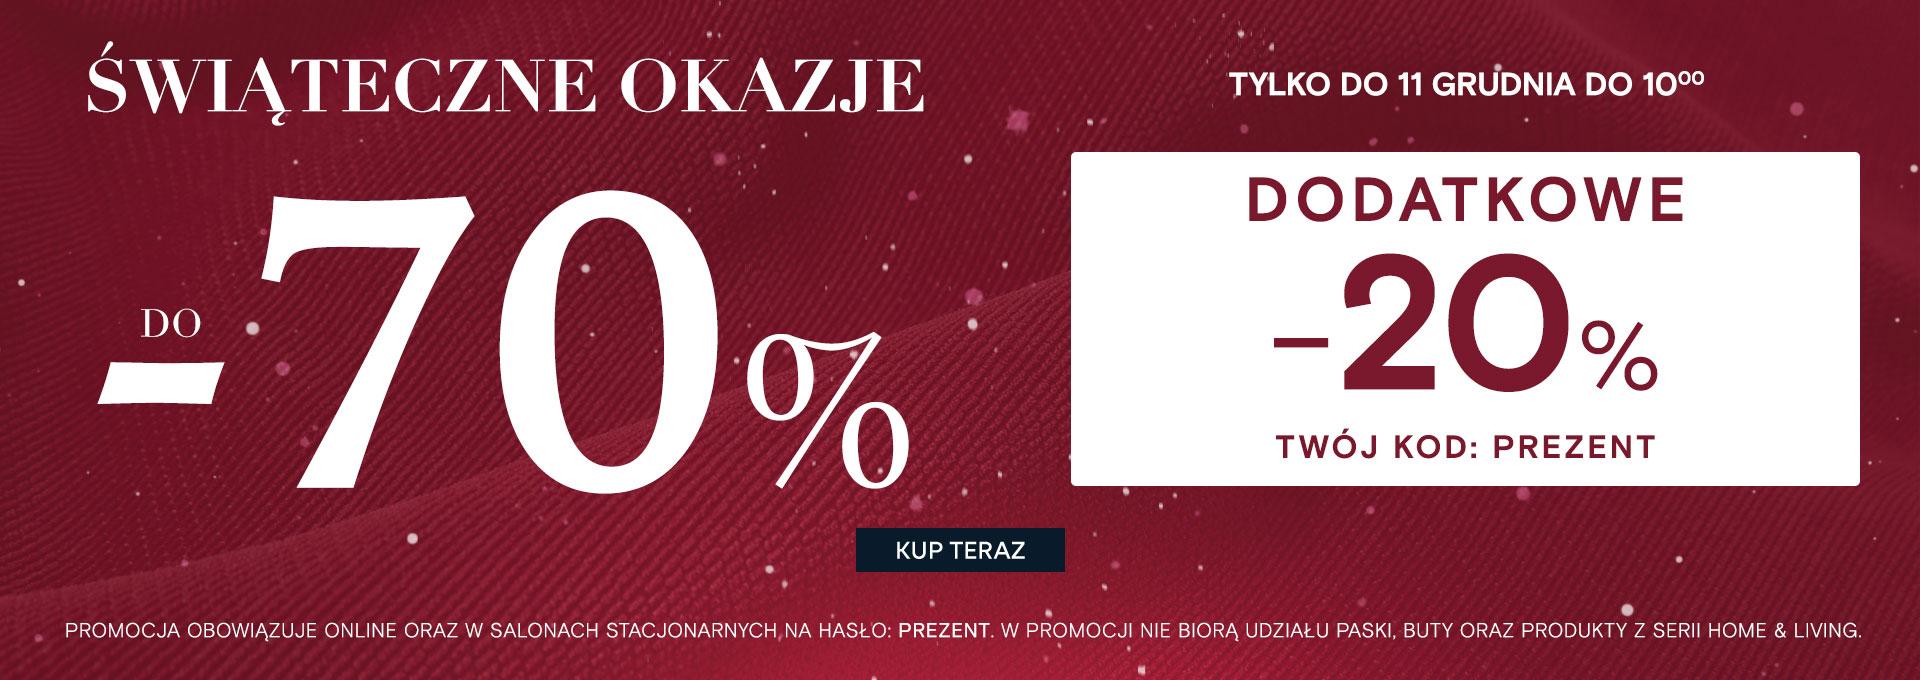 Pako Lorente: Świąteczne Okazje  do 70% rabatu na odzież męską